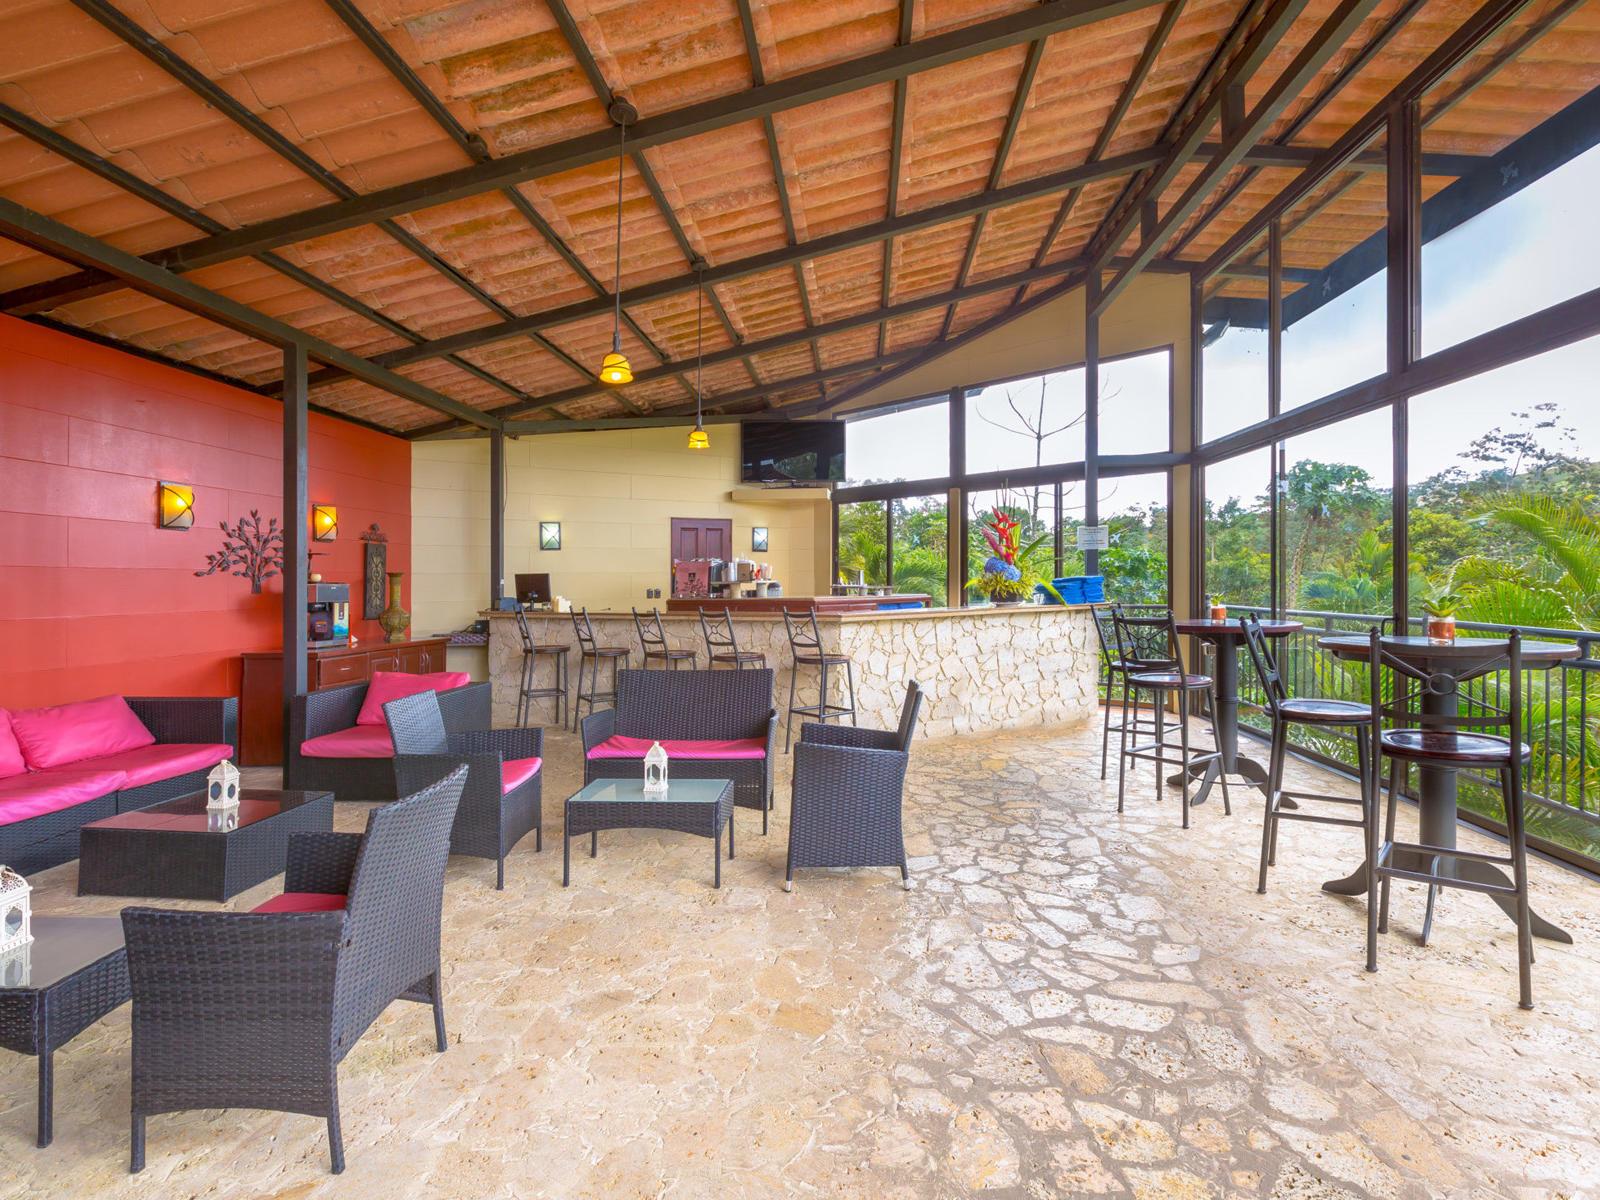 Bar El Higueron